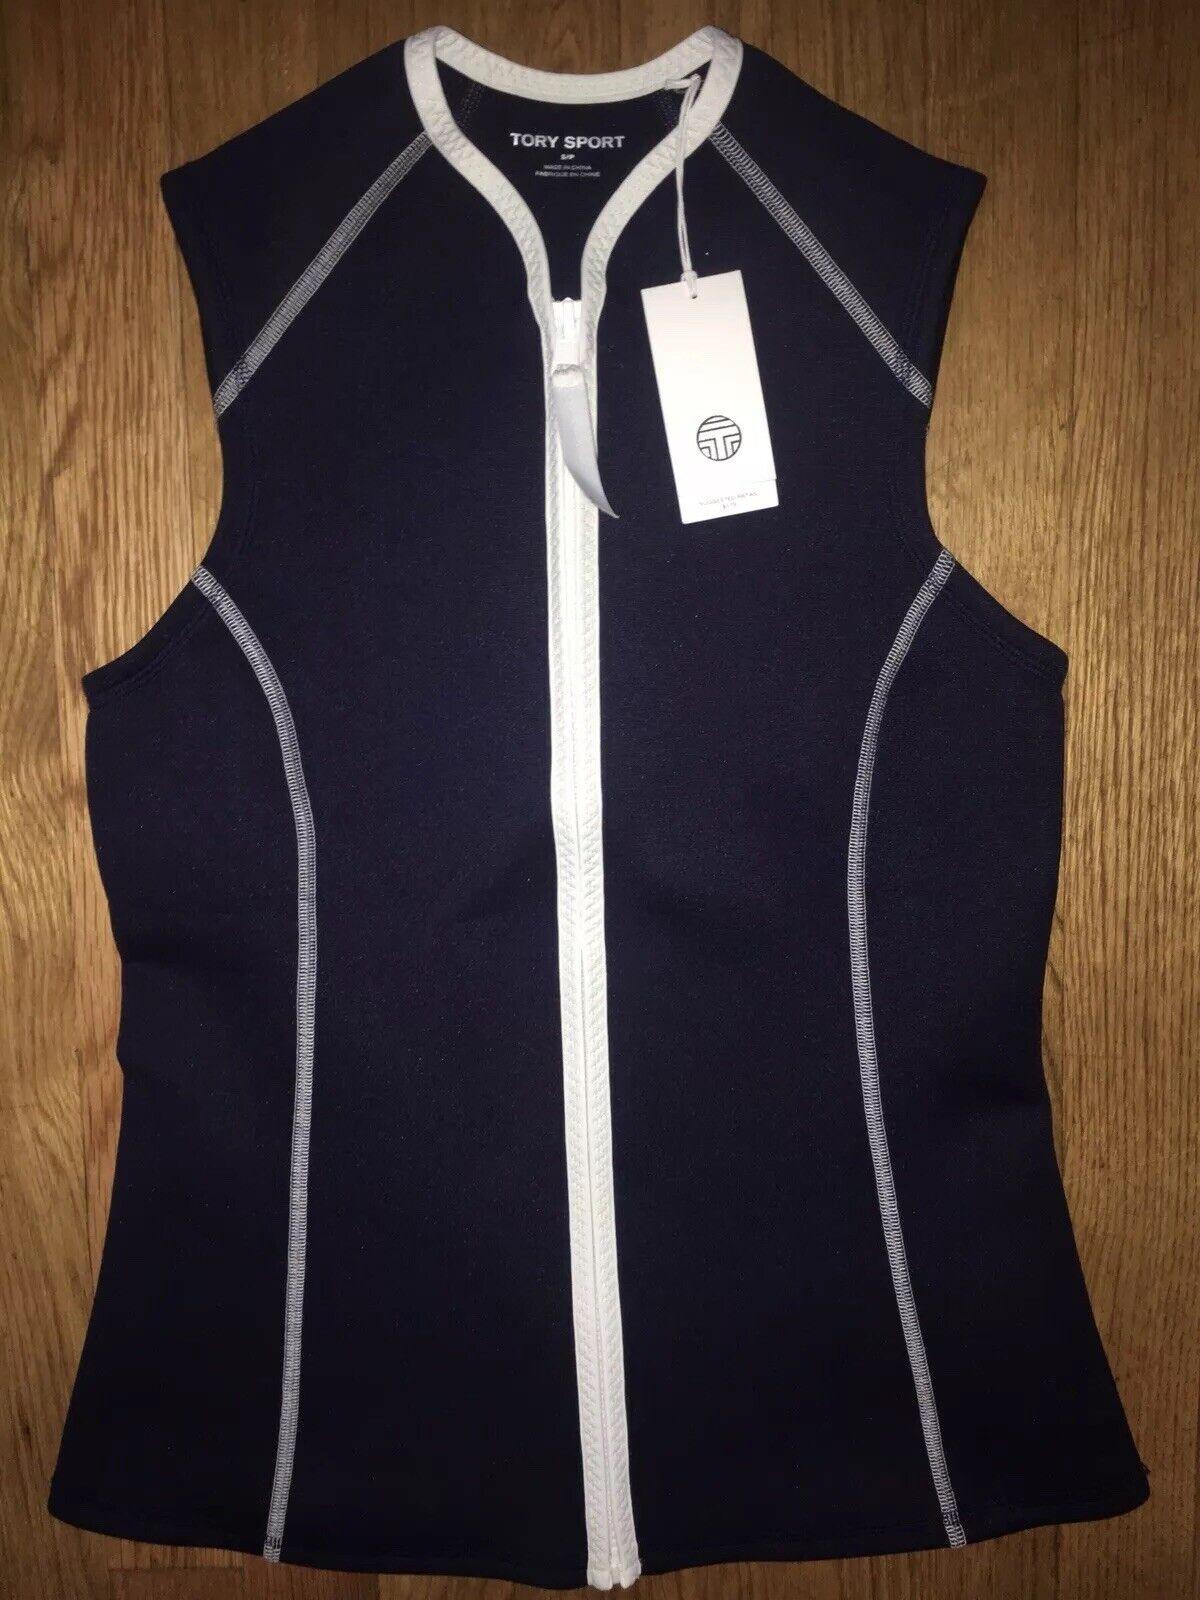 175 NEW  NWT TORY BURCH SPORT Neoprene Swim Vest in Tory Navy Size S